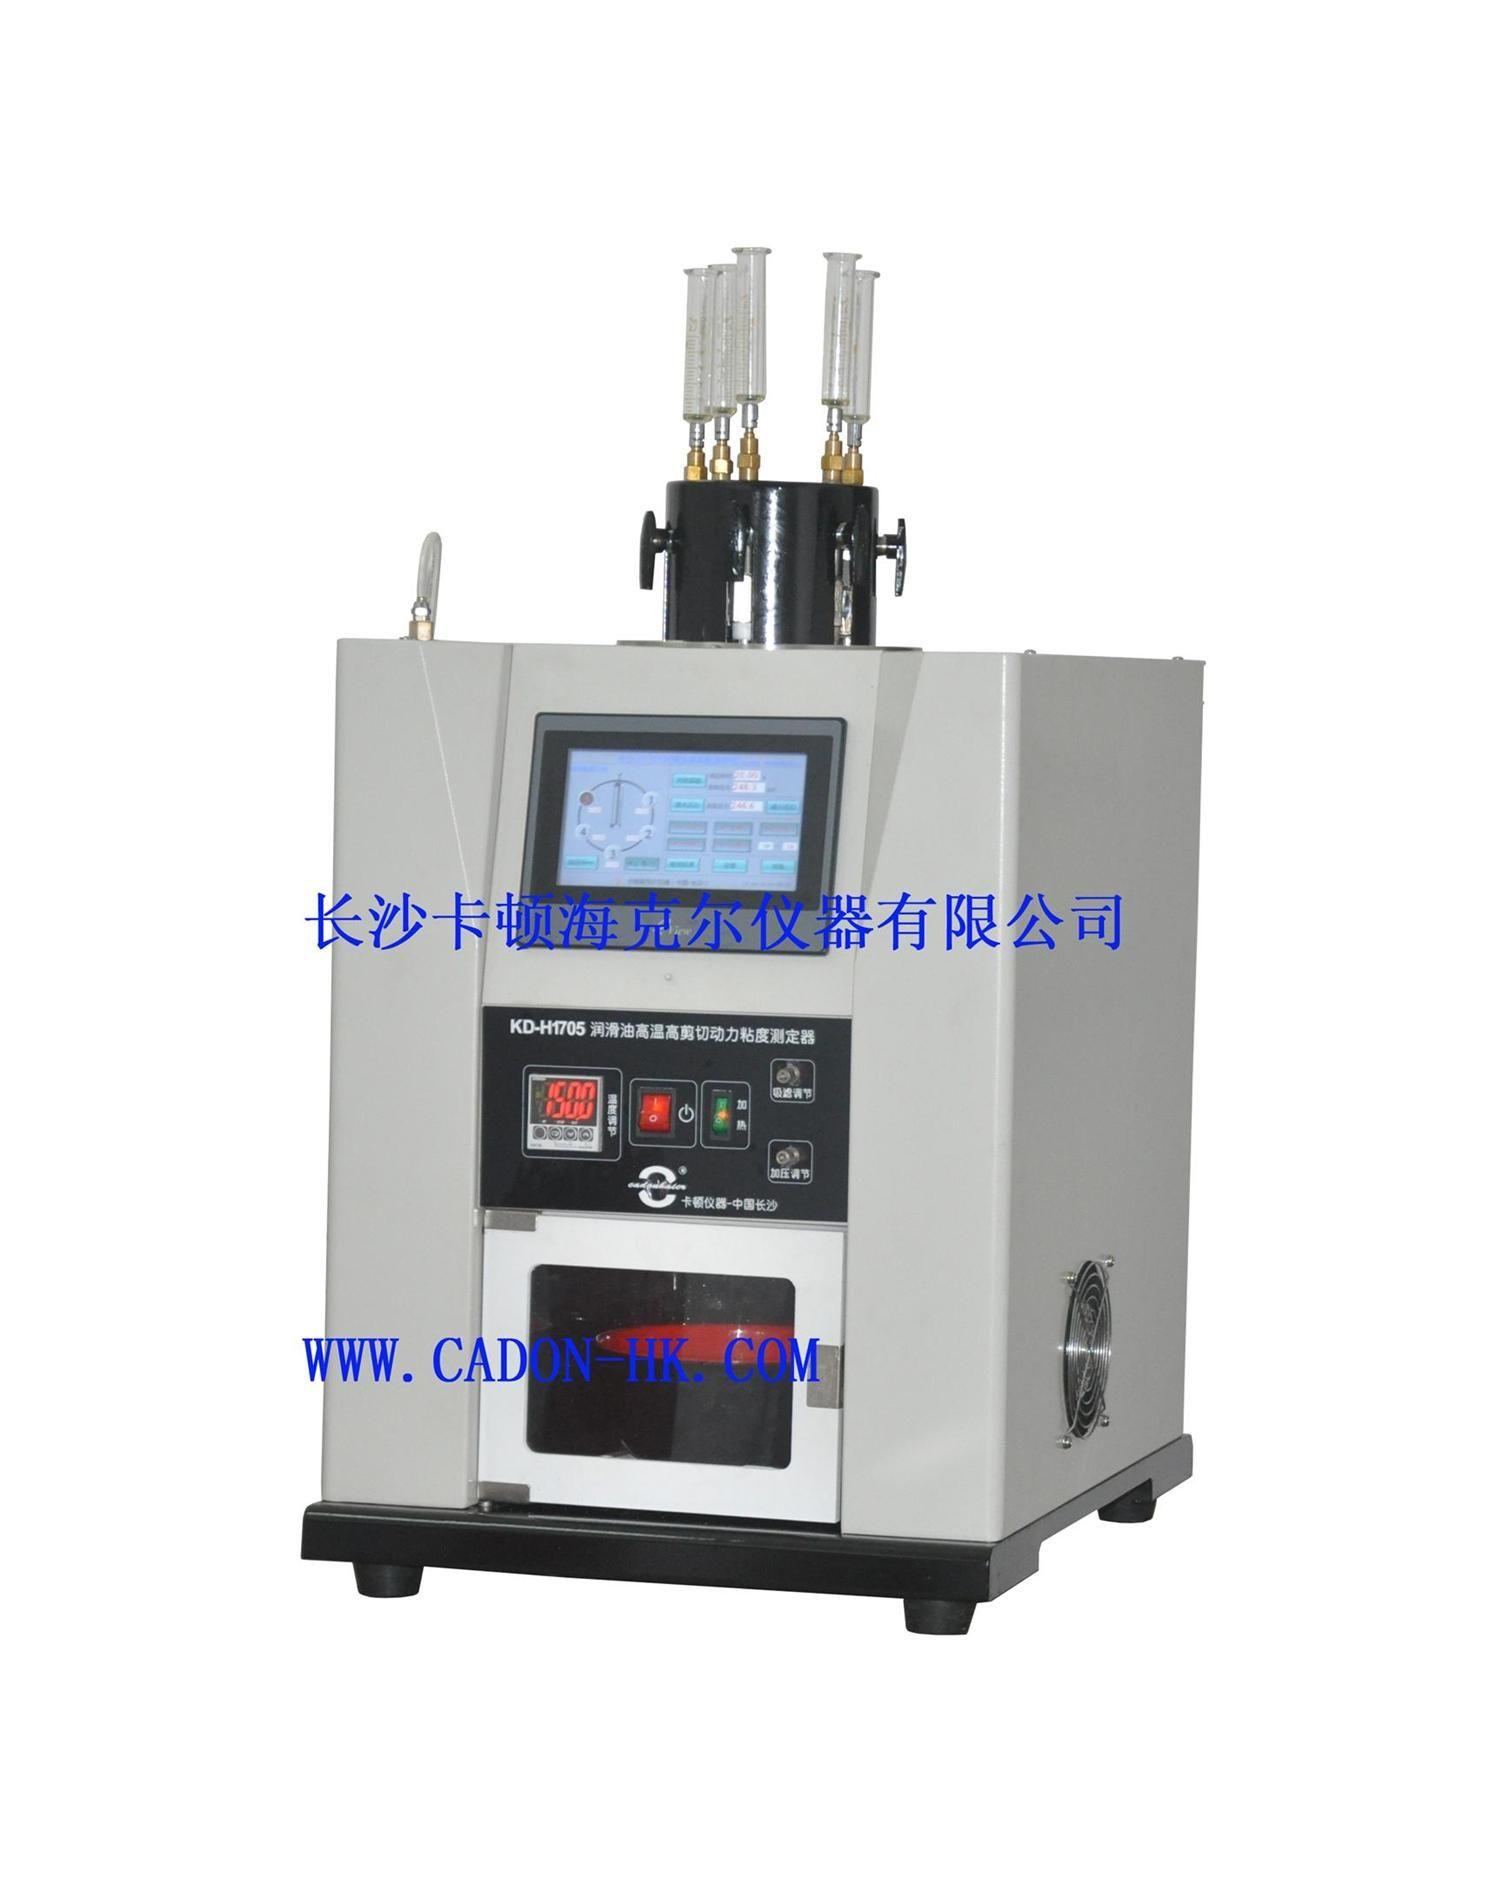 卡顿SH/T0703 润滑油高温高剪切动力粘度测定器